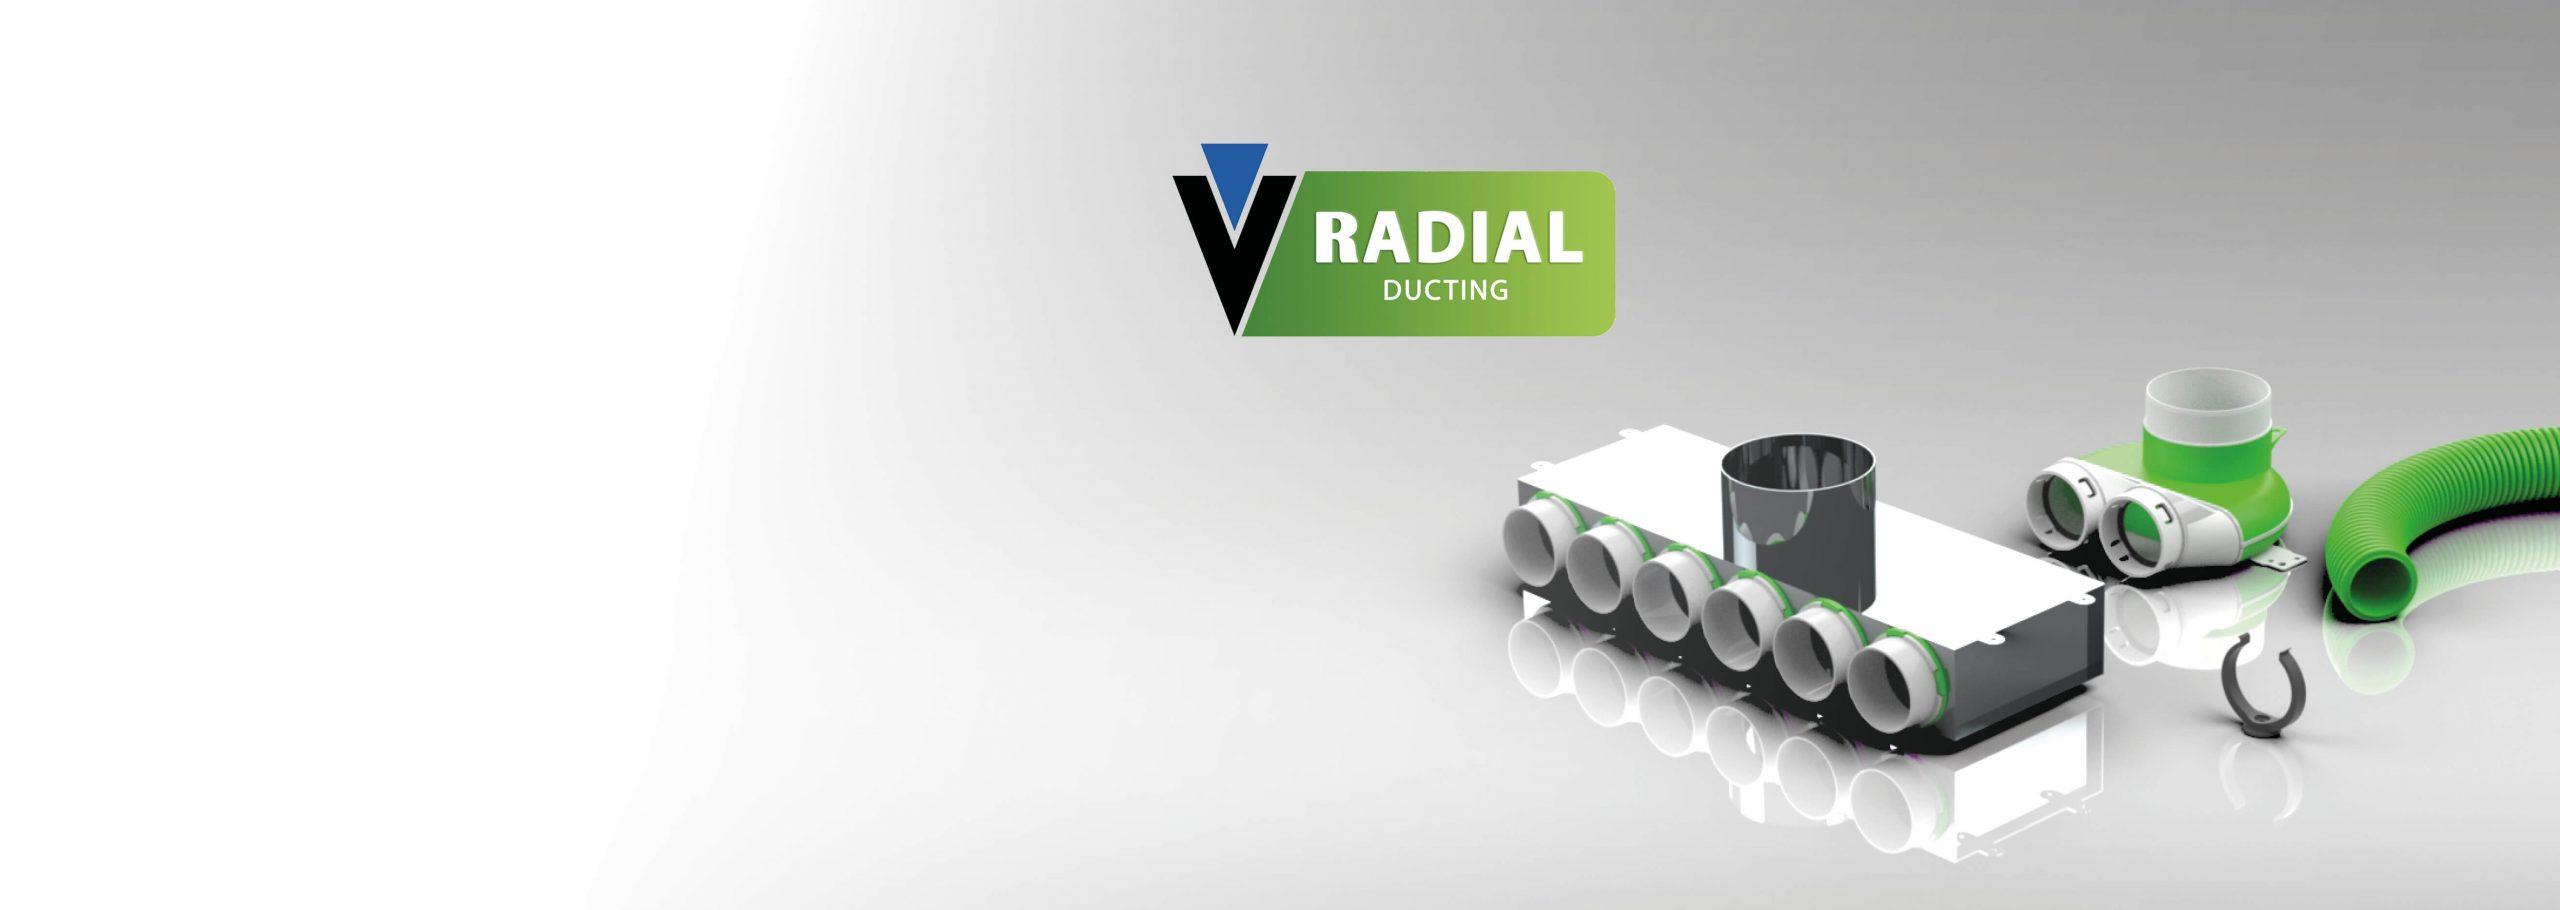 radial ventilation system